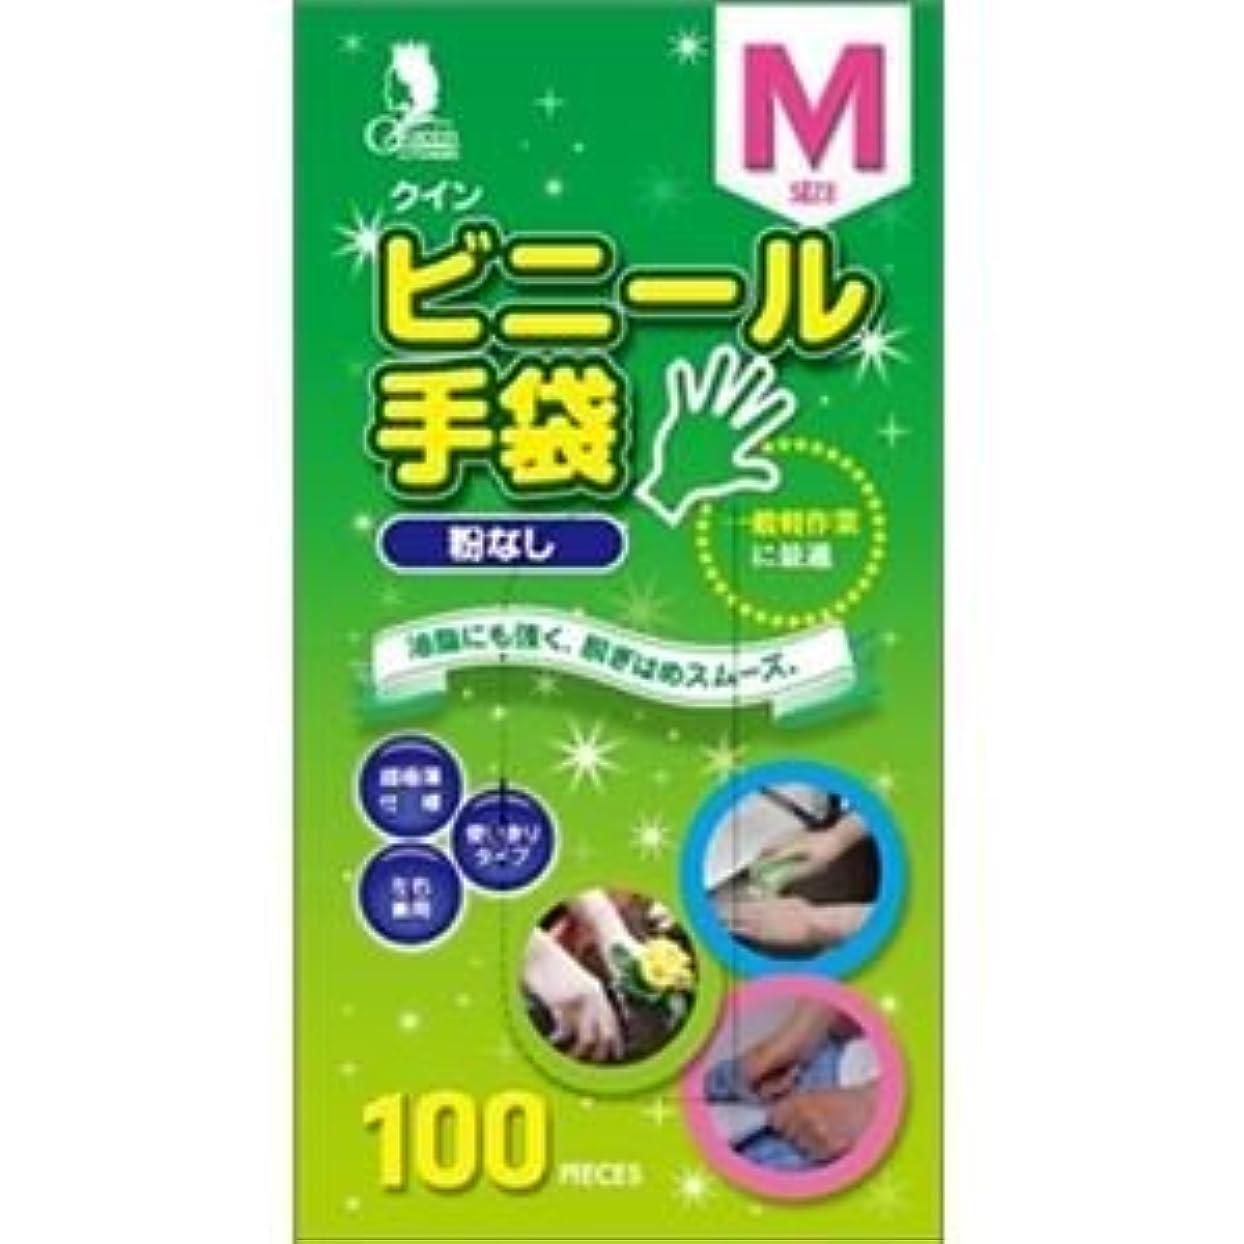 ラッシュ磨かれた印象的(まとめ)宇都宮製作 クインビニール手袋100枚入 M (N) 【×3点セット】